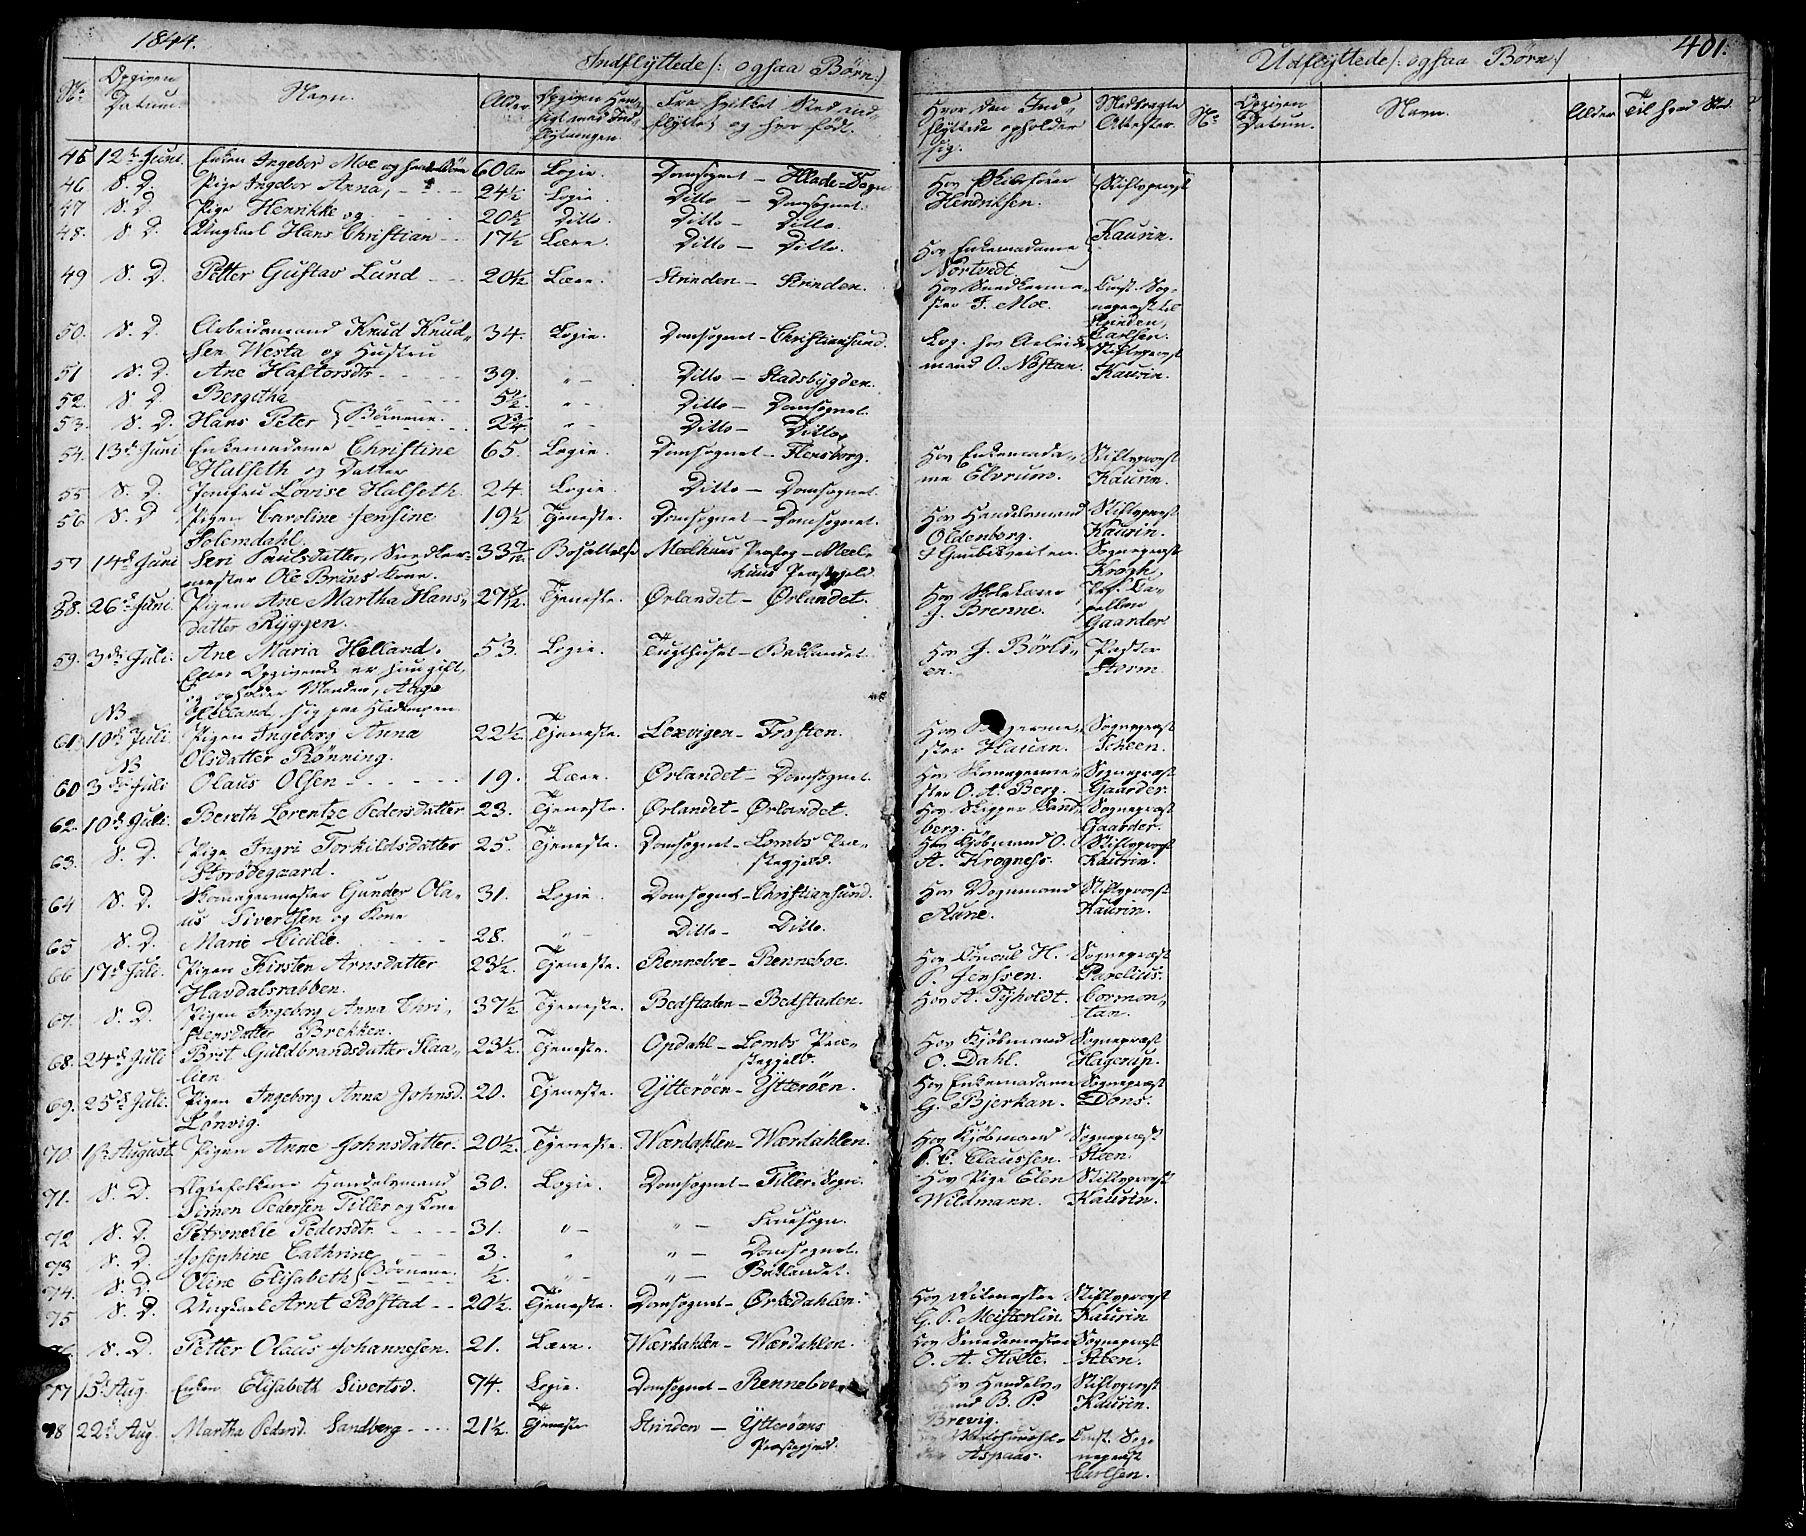 SAT, Ministerialprotokoller, klokkerbøker og fødselsregistre - Sør-Trøndelag, 602/L0136: Klokkerbok nr. 602C04, 1833-1845, s. 401